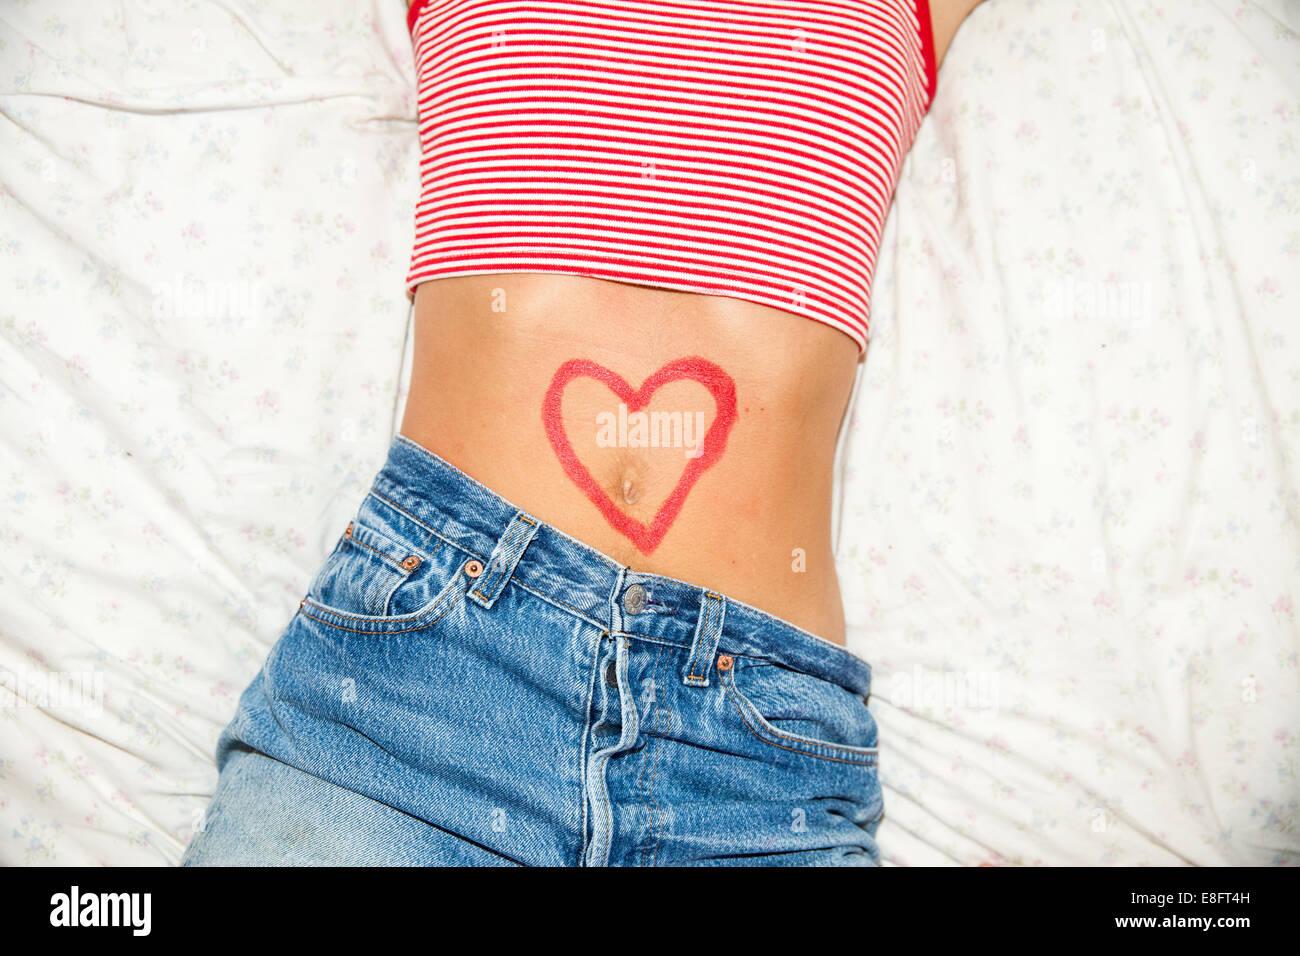 La mitad del torso de mujer con dibujo de corazón en el estómago Imagen De Stock